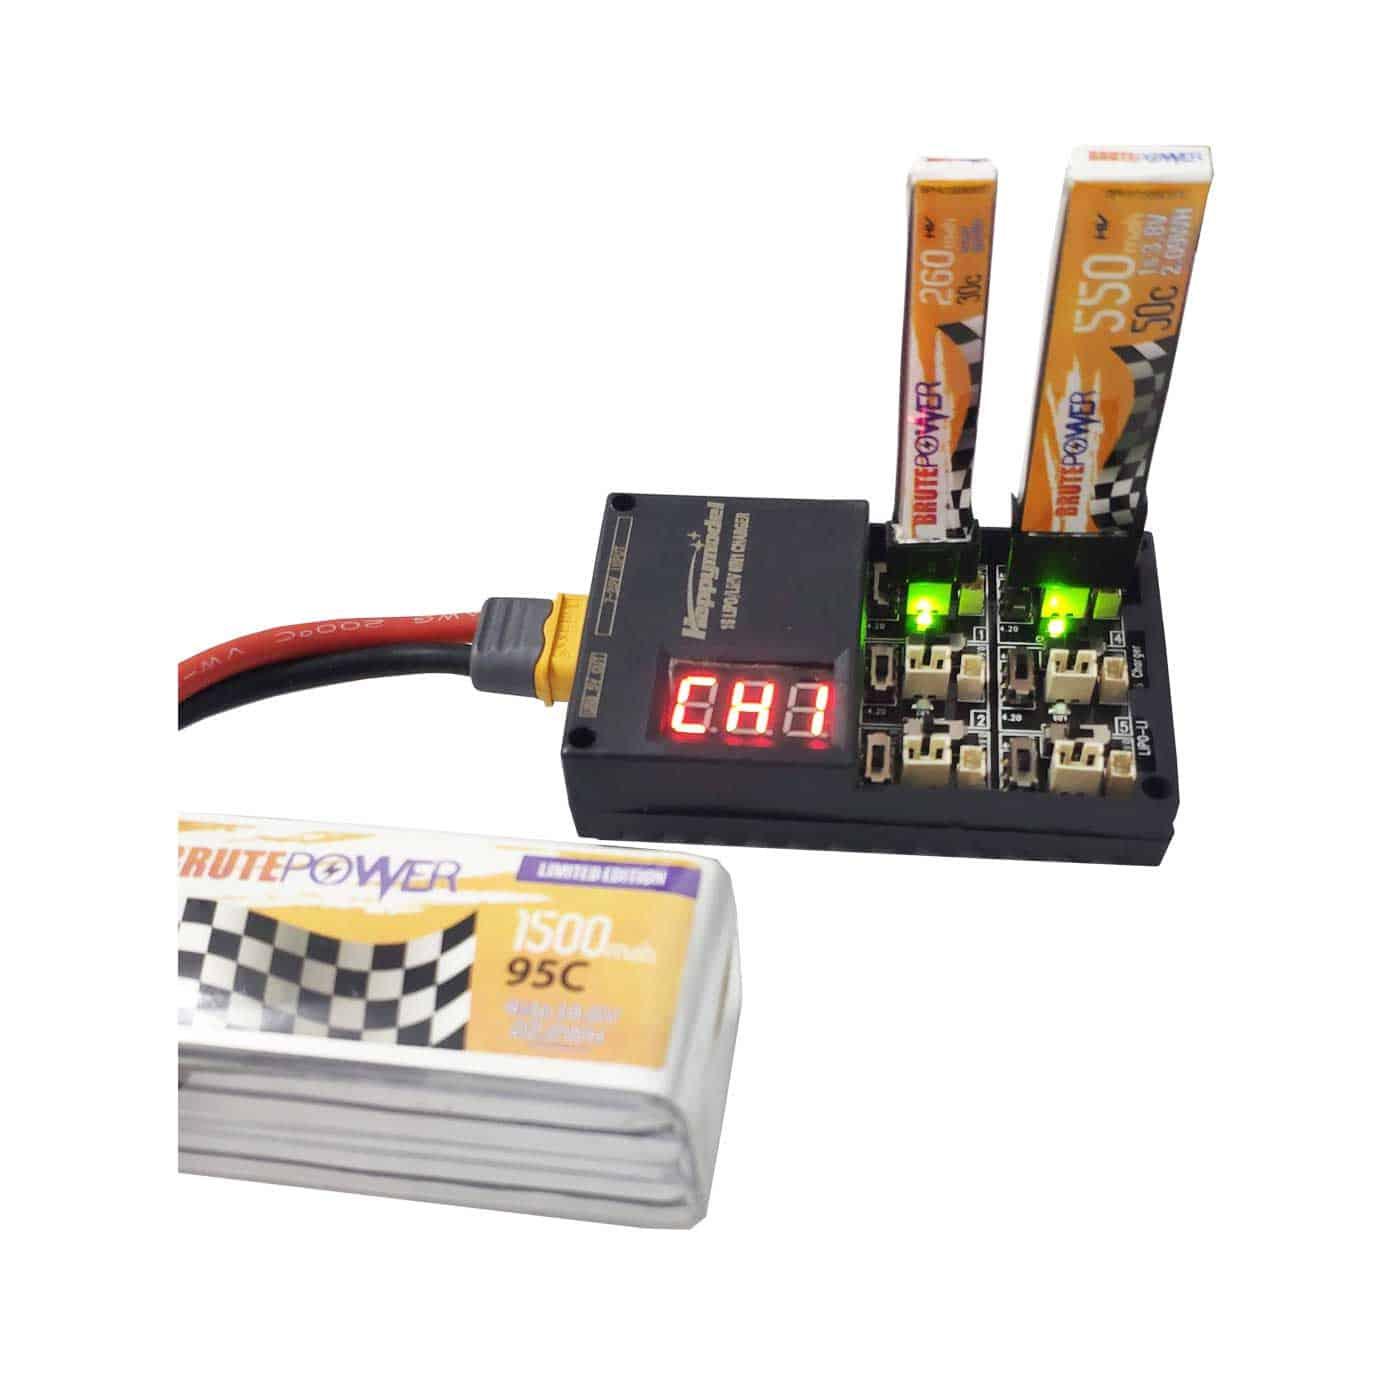 6 en 1 3,8 V 3,7 V S 1 s Lipo LiHv tablero de cargador de batería para Tiny 6 7 QX65 Mobula7 Mini RC Quadcopter FPV Racing Drone Whoop partes Especificaciones: Marca: JMT Peso: 41g Dimensiones: 82x51x22mm Entrada: DC 7 V-25 V Salida conmutable: fija en 600 200 miliamperios Tensión de corte conmutable: Corte de carga de celda de 4,20 V (+-0.5% margen de error) para S 1 Batería Lipo Corte de carga de celda de 4,35 V (S +-0.5% margen de error) para batería de 1 s 3,8 V LIHV Características: -Compatible con Picoblade 2,0, PH 1,25mm batería -Compatible con batería LiHV 4,35 V -Admite 6 baterías cargadas al mismo tiempo -La pantalla muestra el voltaje de entrada y salida de cada canal en orden. -Carga a mA o ma según la configuración de un interruptor que se puede configurar de forma independiente para cada puerto. ¿-2-6 S (7,4 V-22,2 v) como fuente de alimentación o el uso de adaptadores con al menos 2A de salida de la batería? Notas: Los puertos están numerados 1-6. No pongas más de una batería en un solo puerto. Por ejemplo: no insertes una batería en el enchufe Picoblade 1,25 y otra en el mismo puerto con el enchufe PH 2,0.